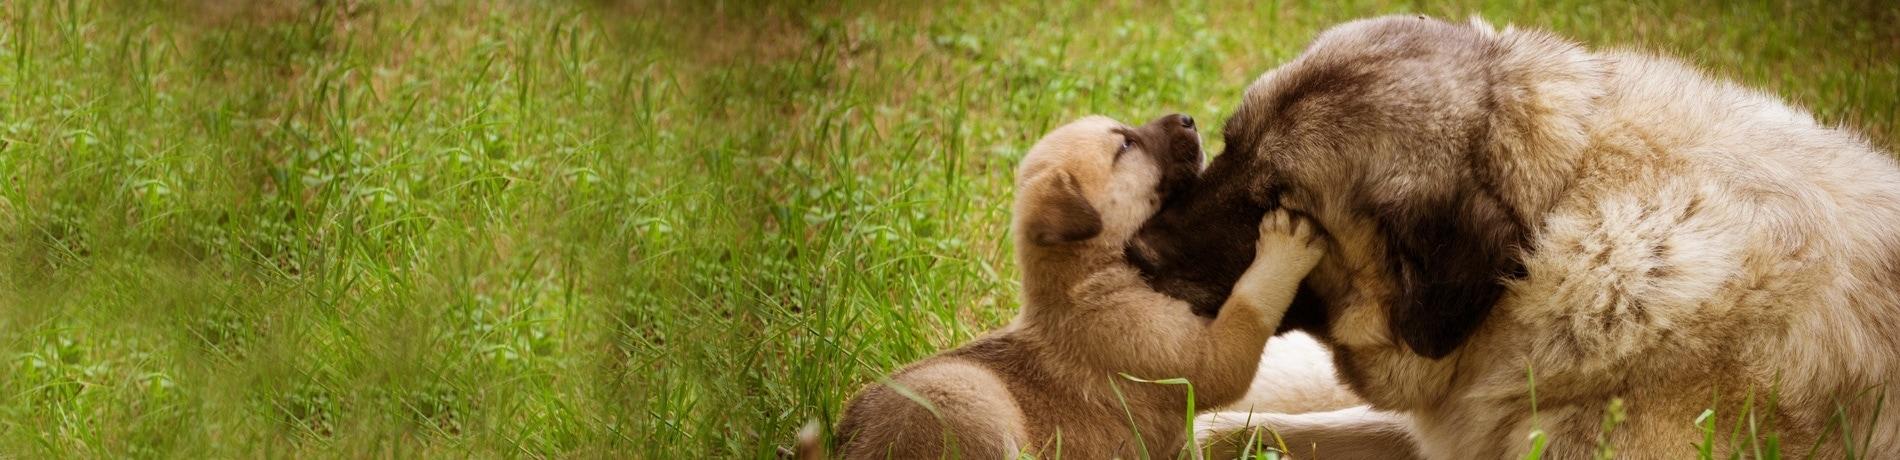 welke pup kiezen uit het nest